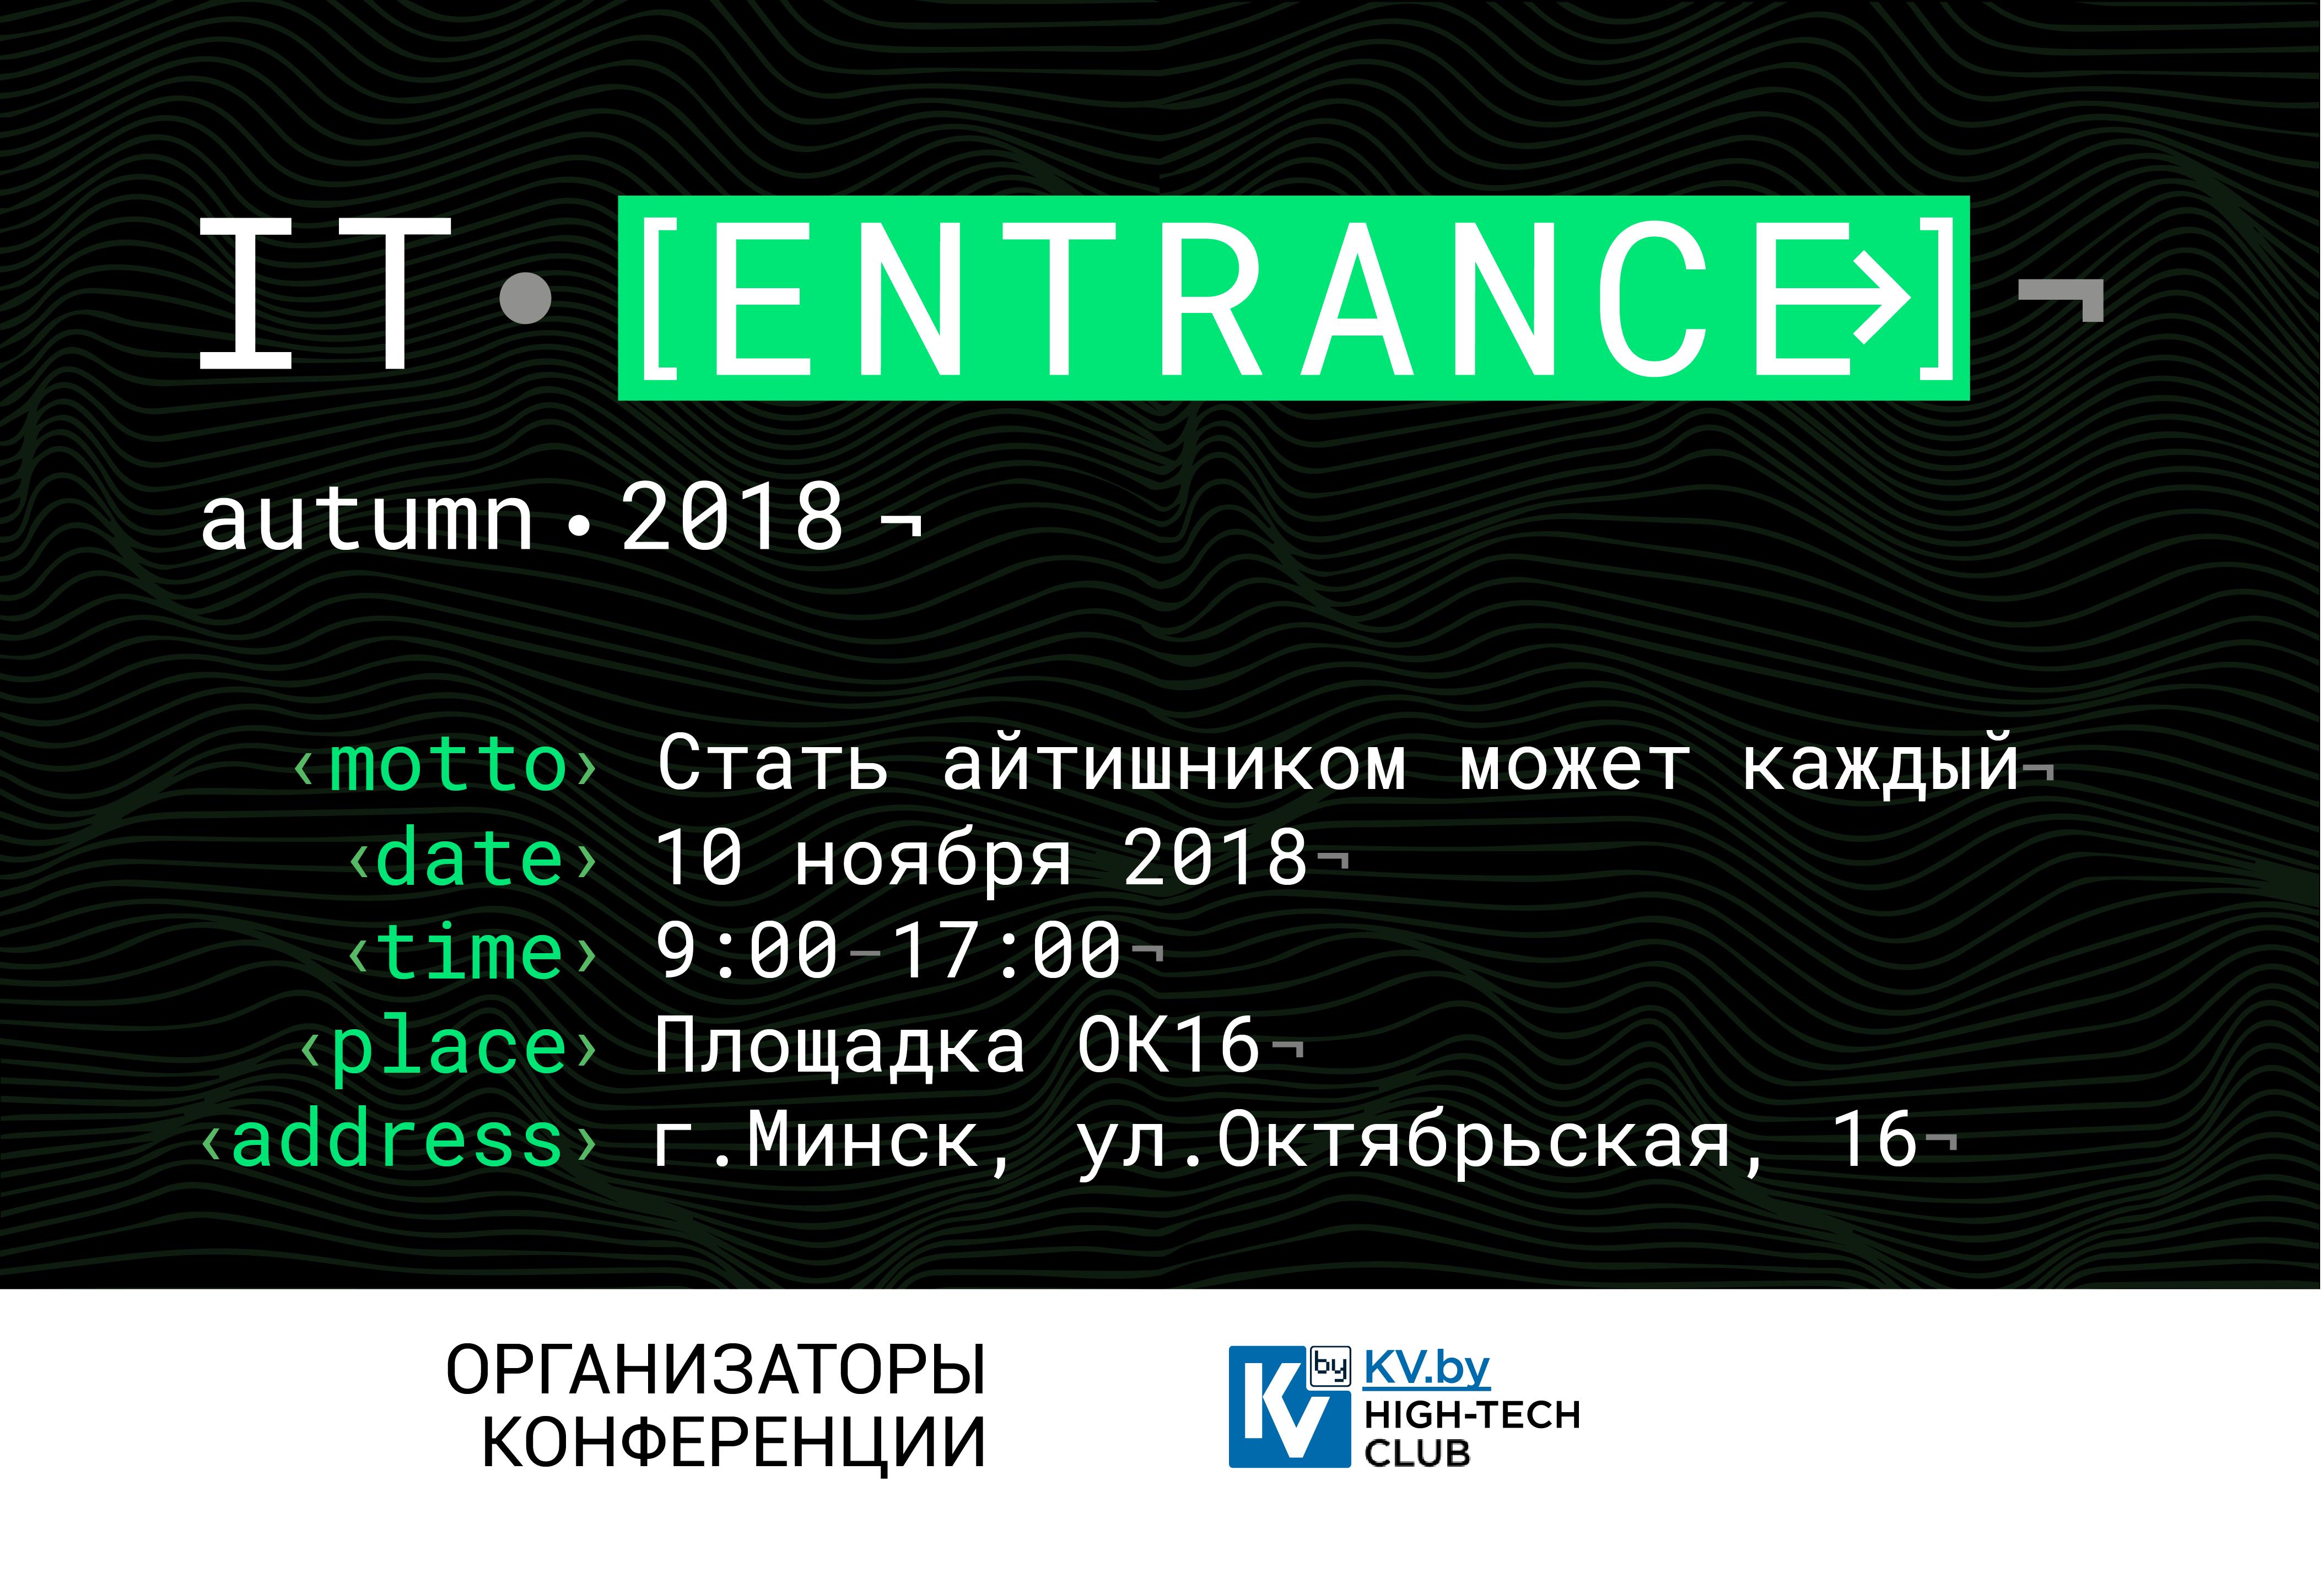 IT Entrance autumn 2018